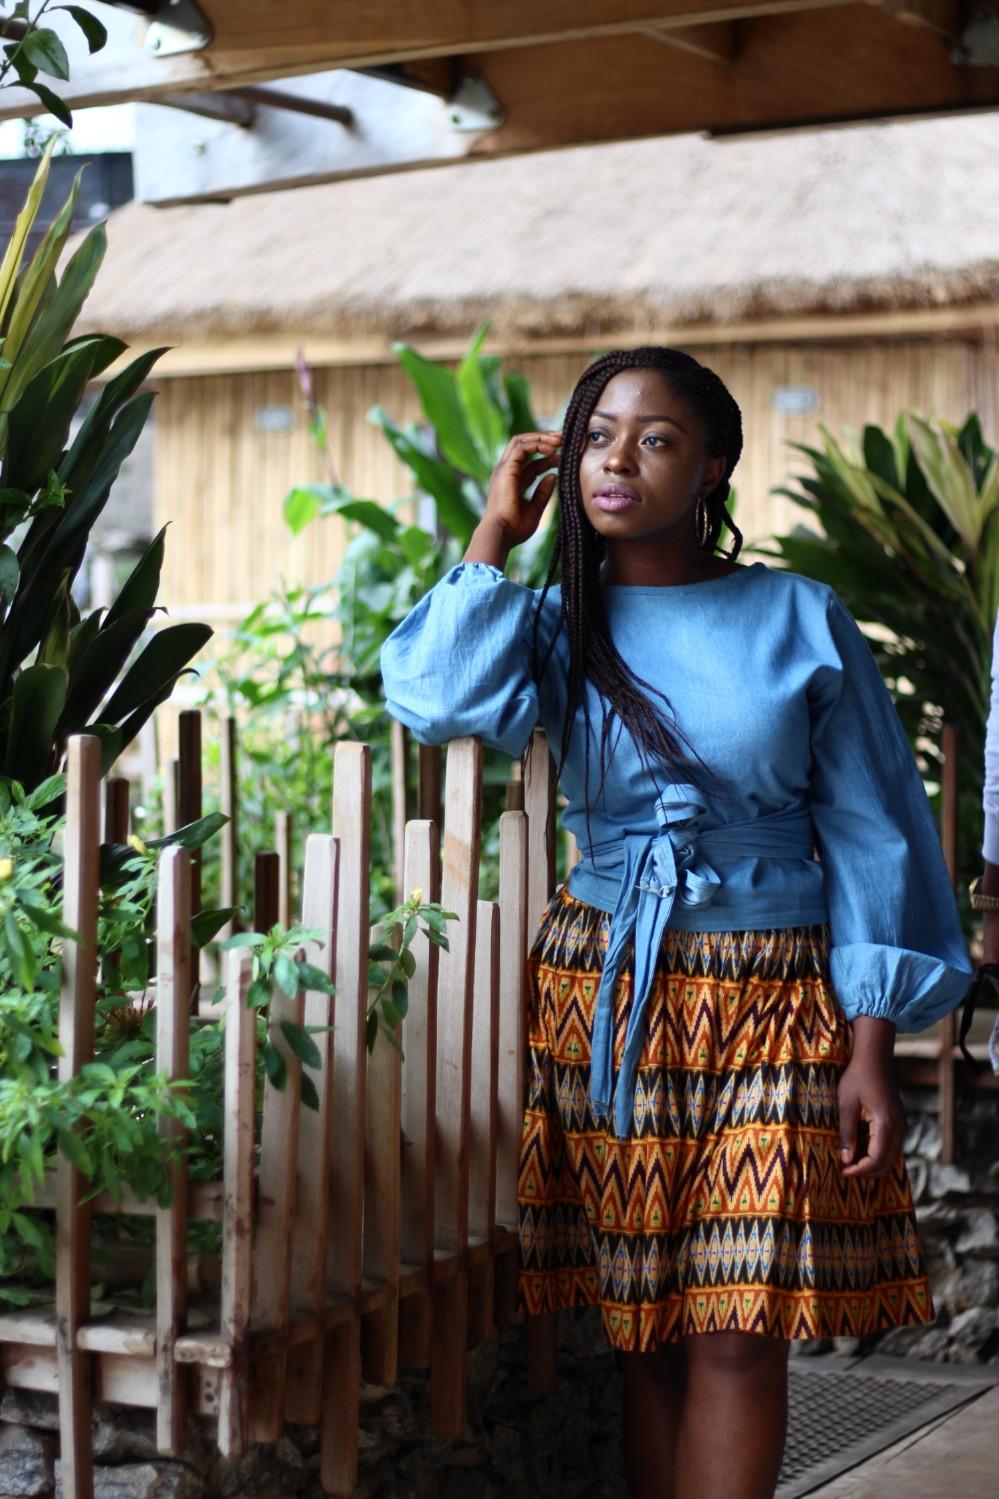 Abuja Christian Dating sito Sto uscendo con i personaggi di ghiaccio principessa